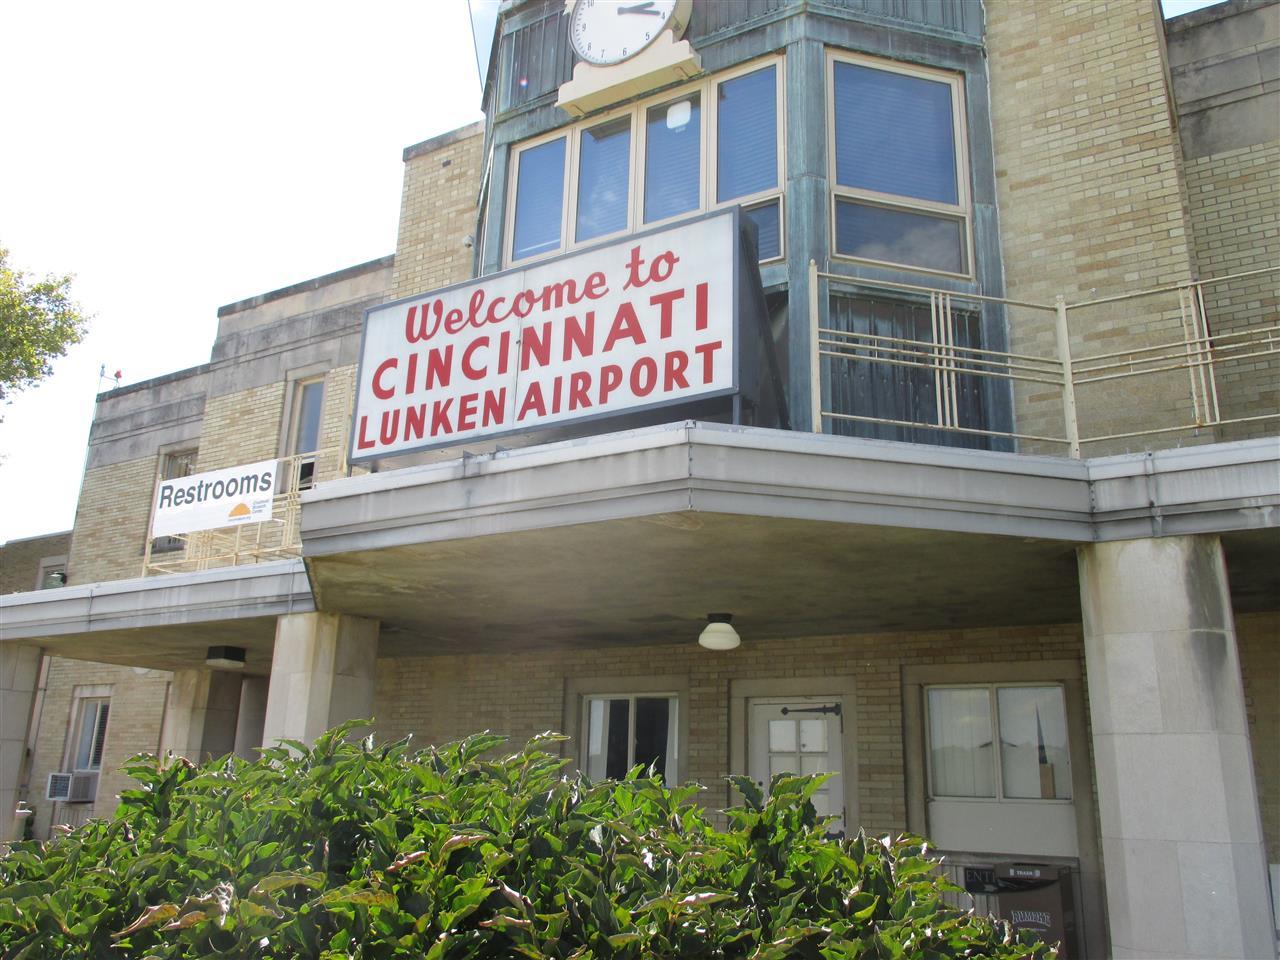 #leadingrelocal #LunkenAirport #ColumbiaTusculum #Linwood #CincinnatiOhio #regionalairport